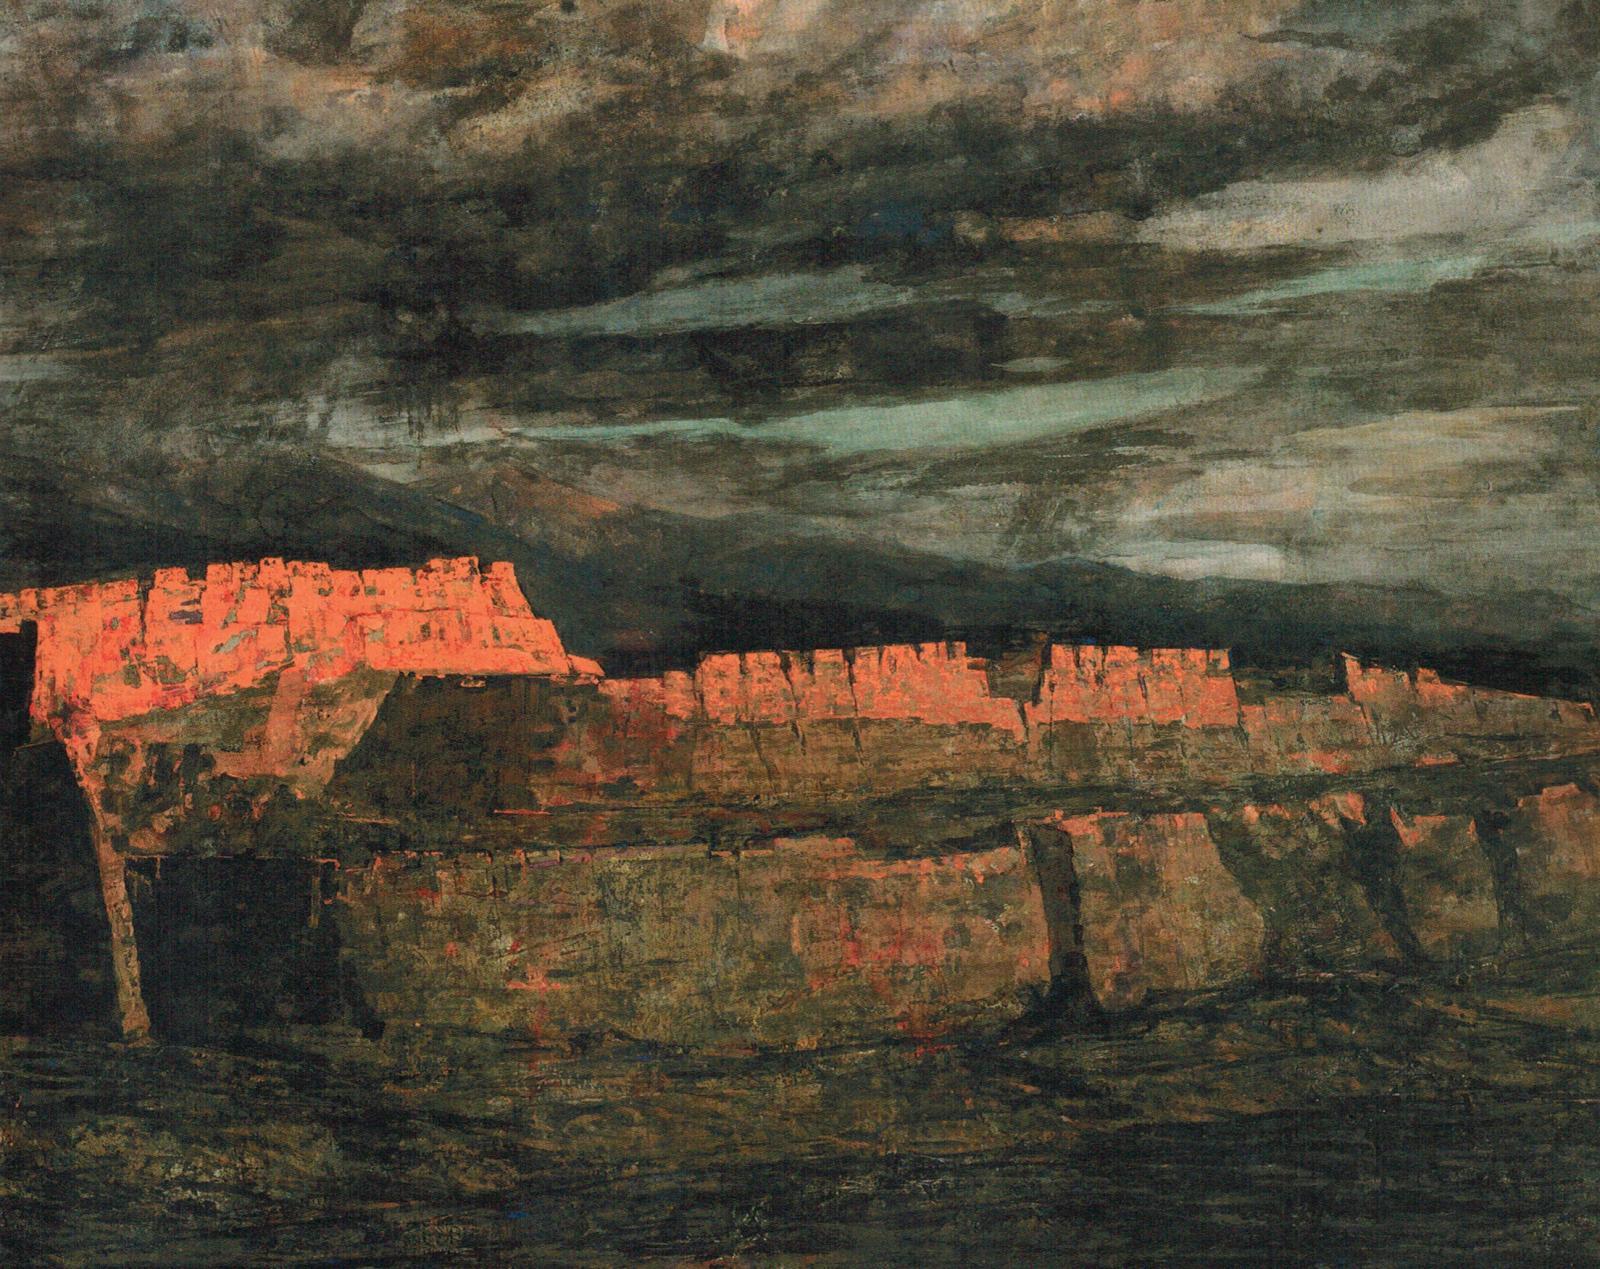 Hou Liming, Les Fortifications anciennes de Subash, 2010, peinture aux pigments fins, 130x195cm. ©Hou Liming